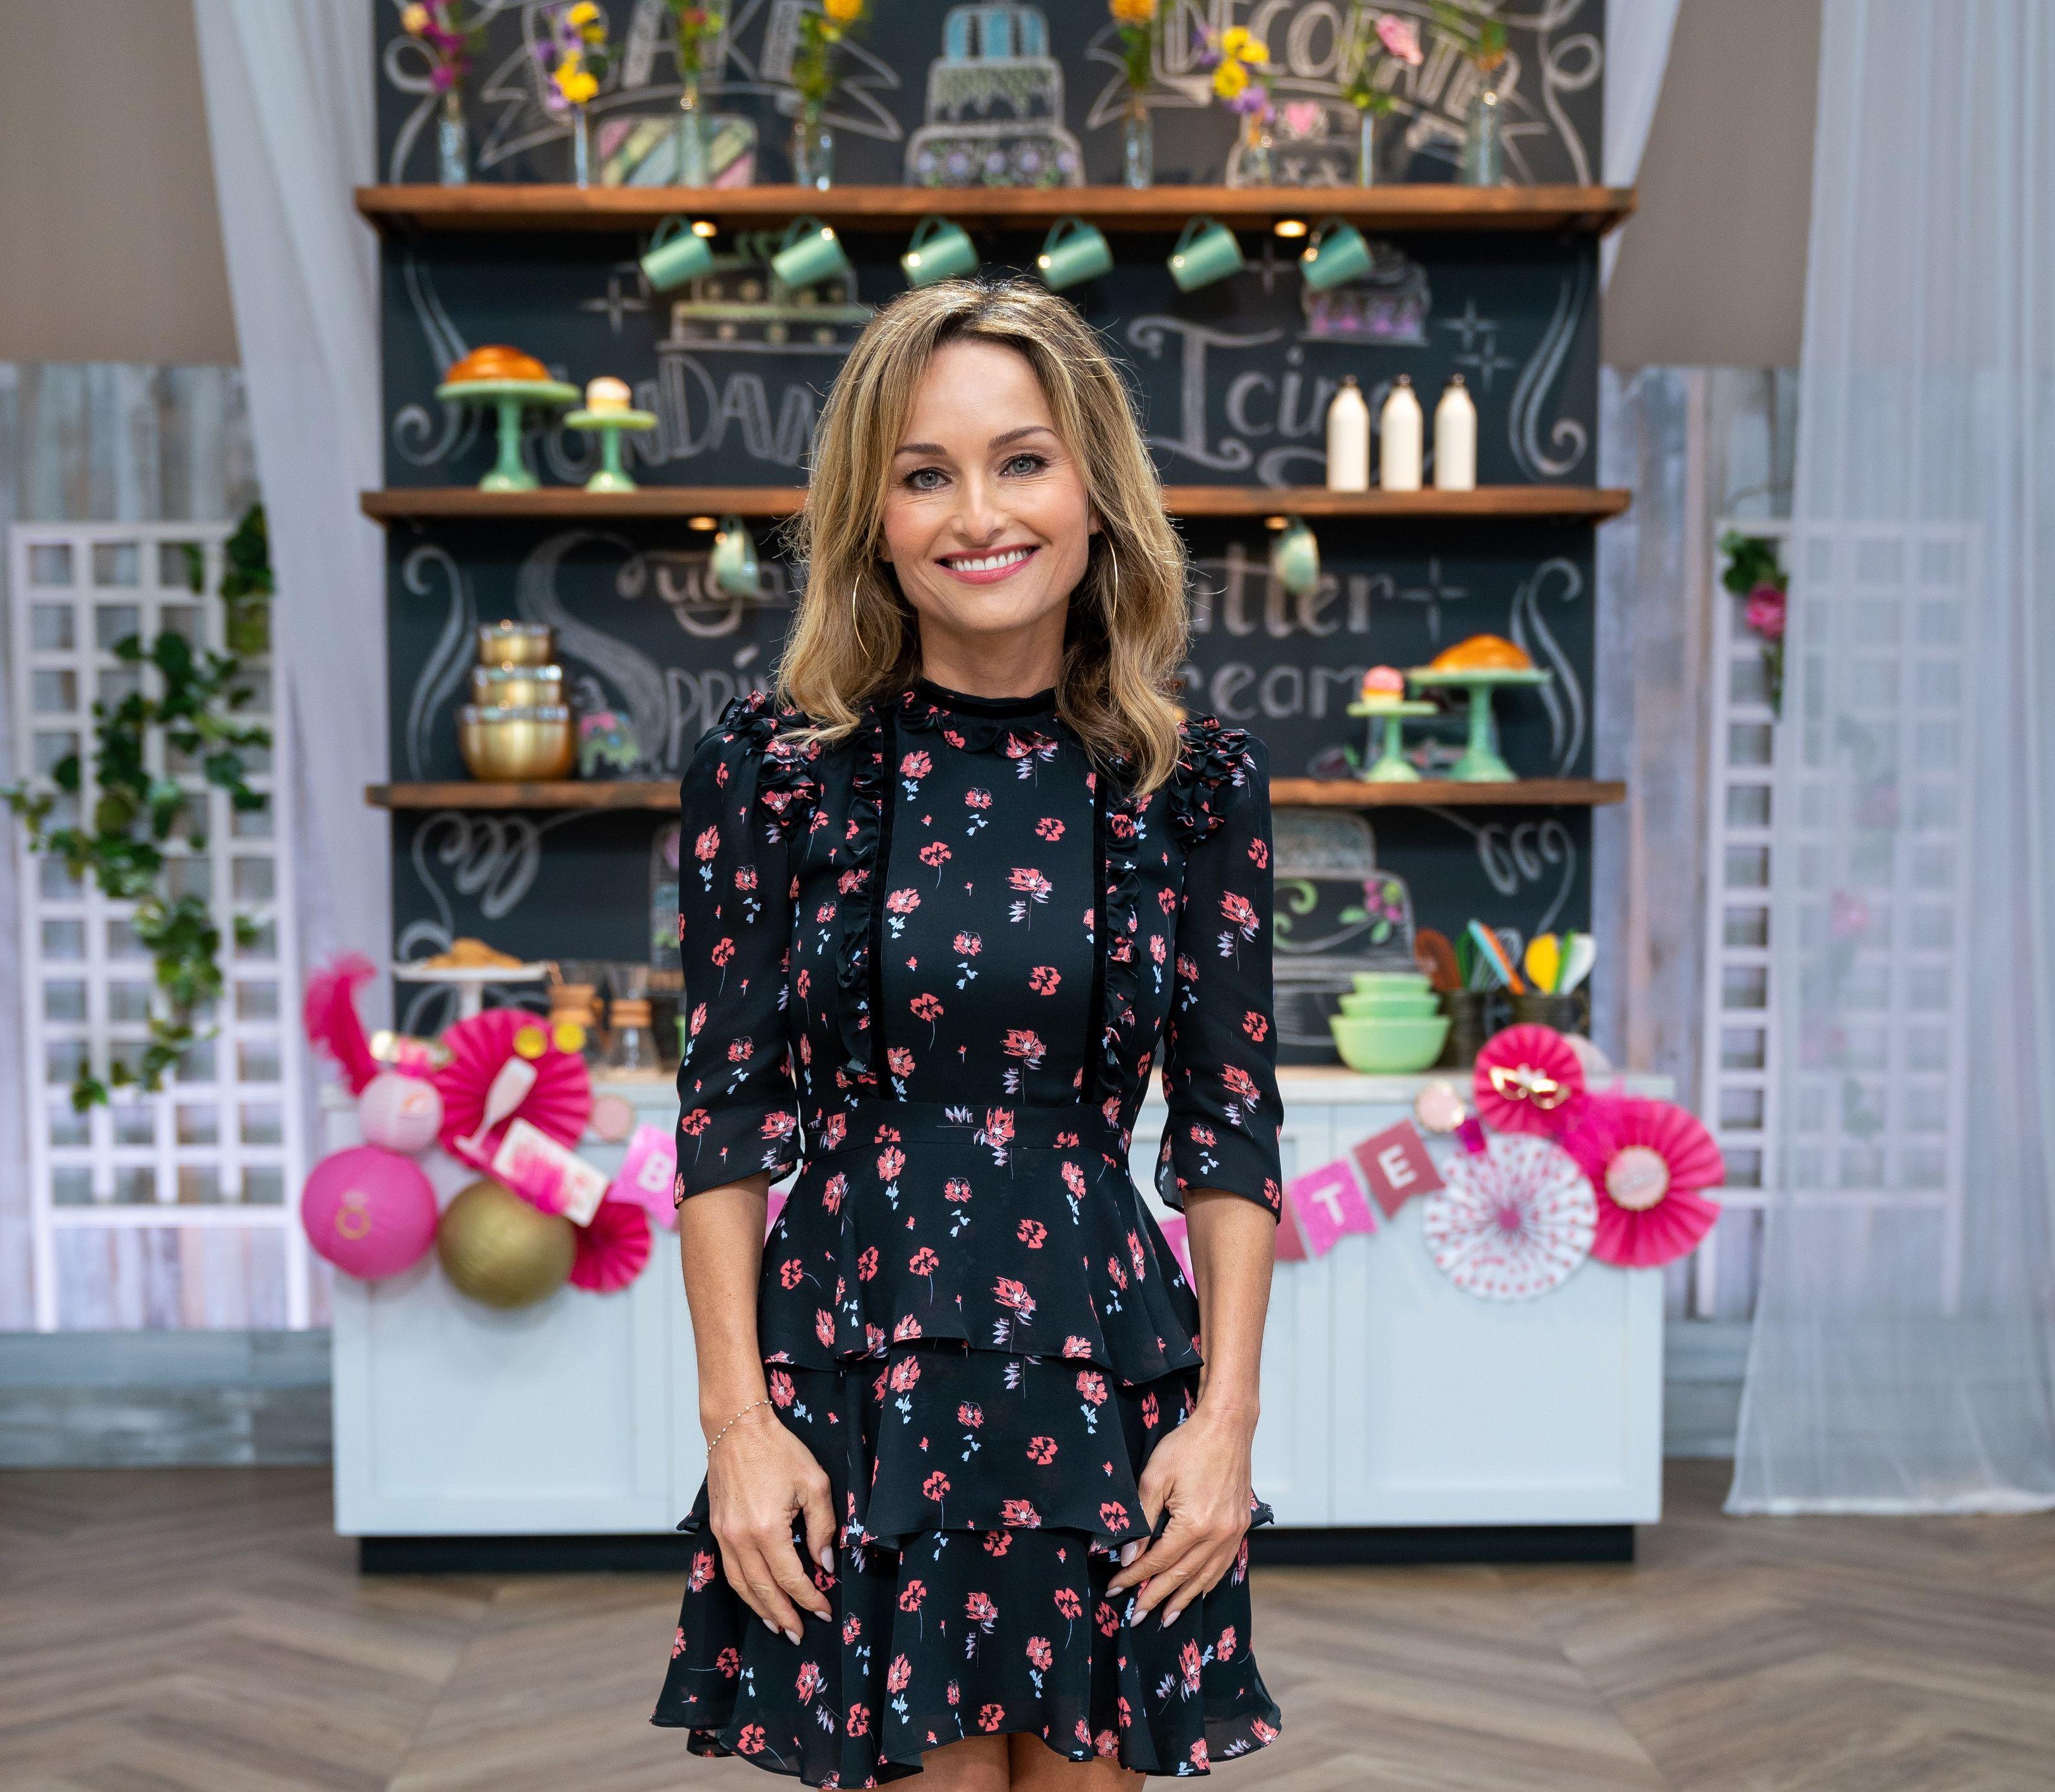 Giada De Laurentiis challenges bakers on Food Network series Winner Cake All